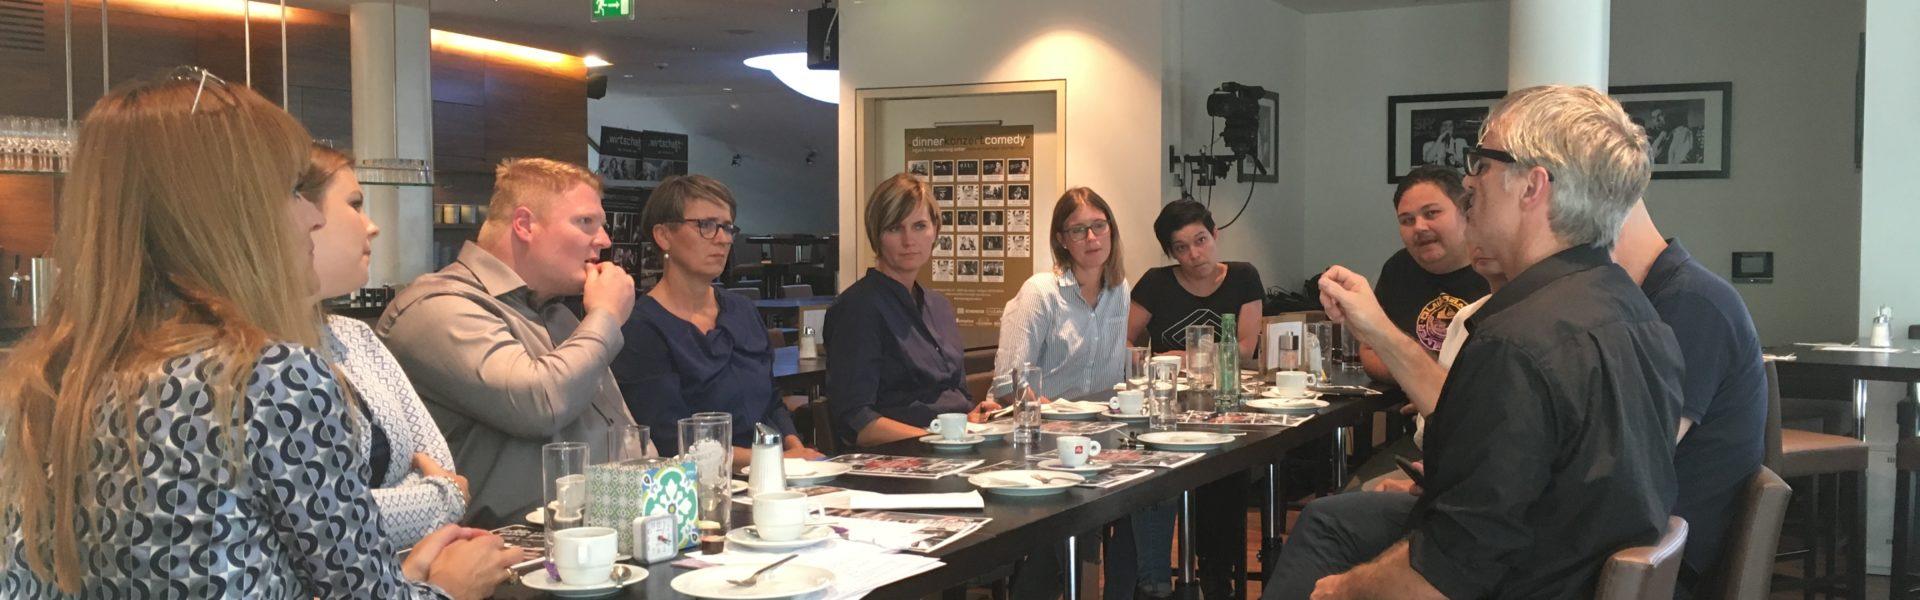 GVA zu Gast in der wirtschaft (c) Vorarlberg Tourismus